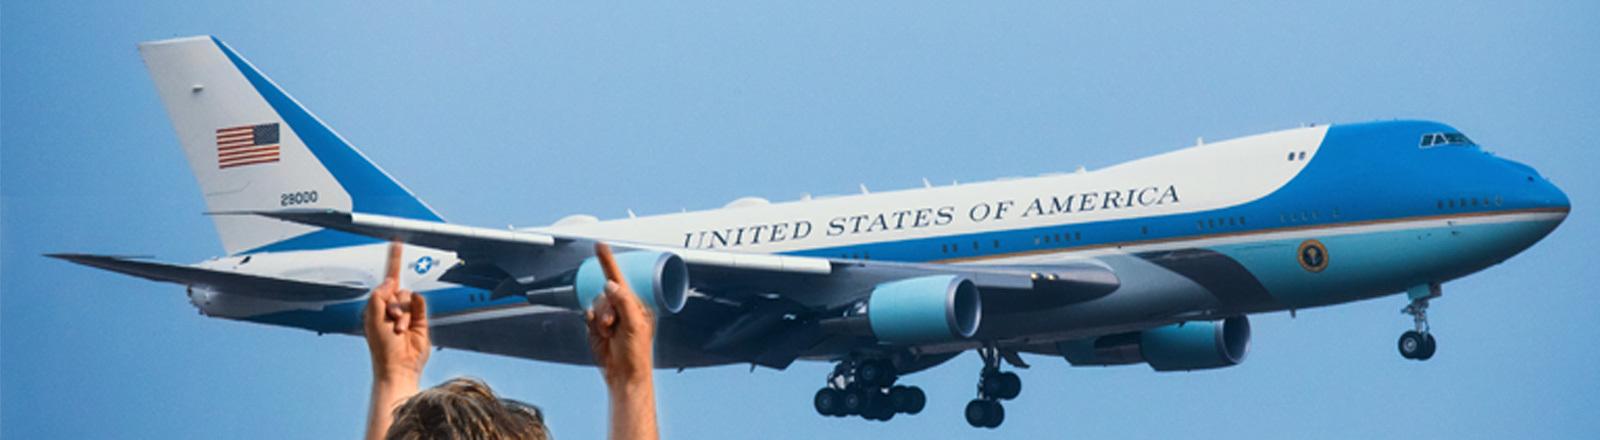 Ein Mann streckt die Mittelfinger Richtung Air Force One aus.